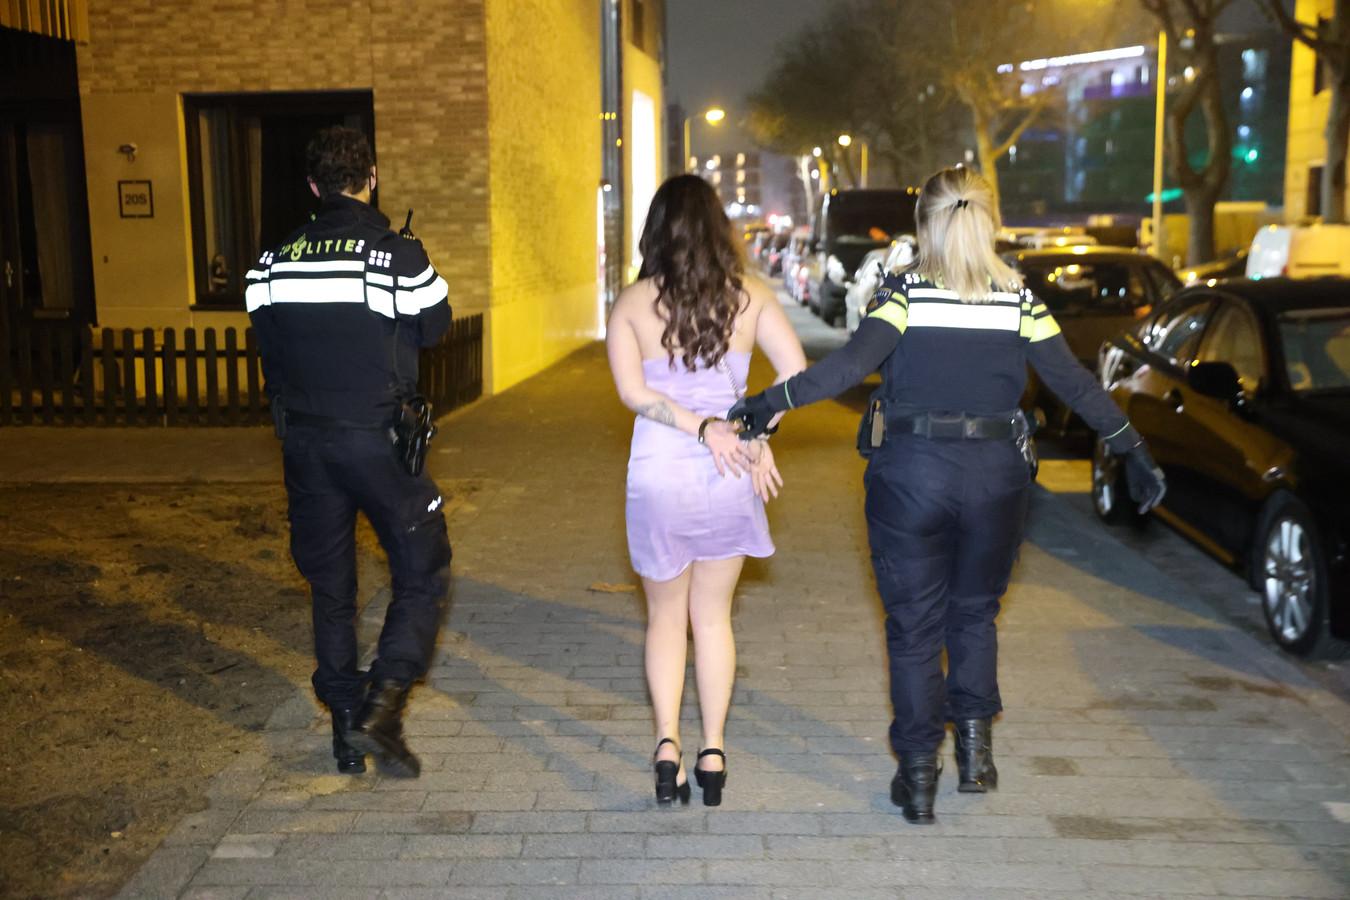 Een vrouw wordt gearresteerd na het feest in de Lulofdwarsstraat